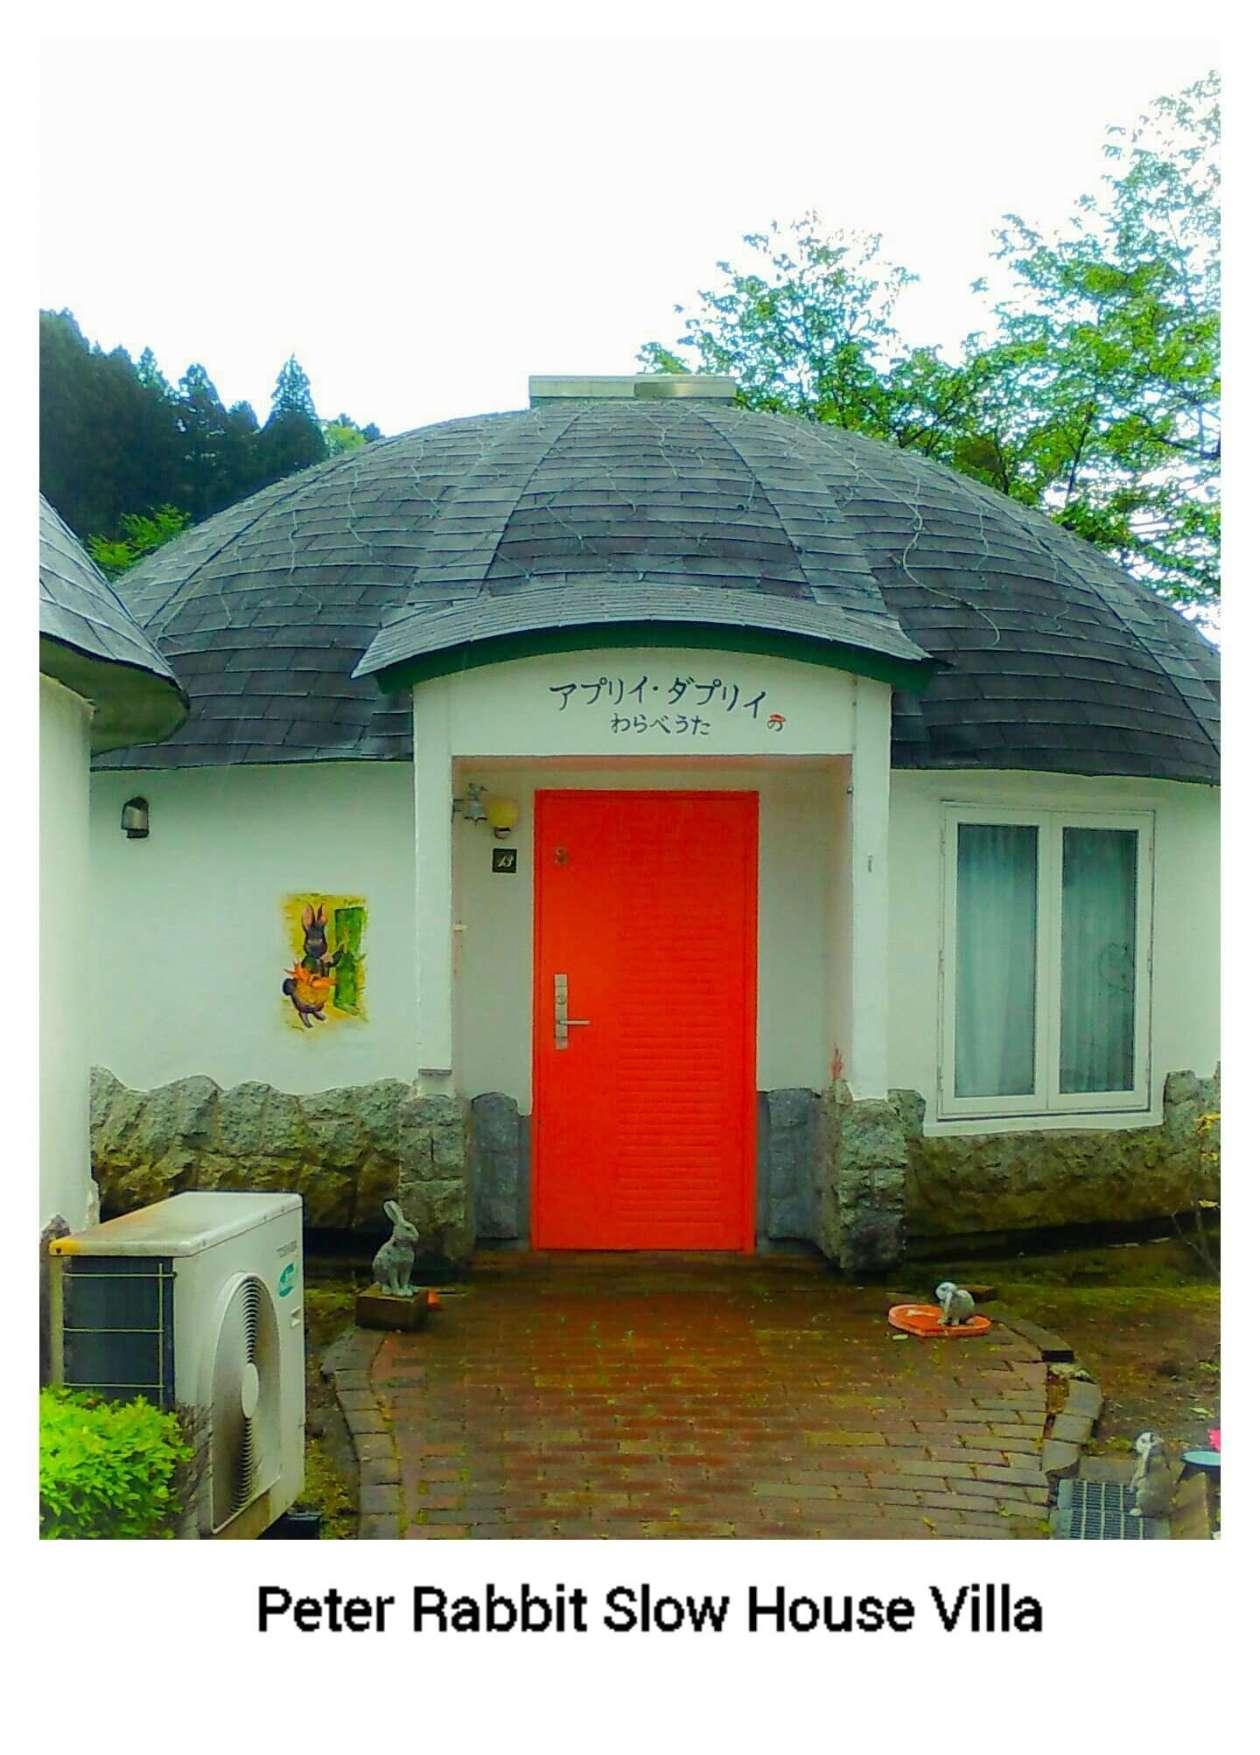 Peter Rabbit Slow House Villa Tokinosumika